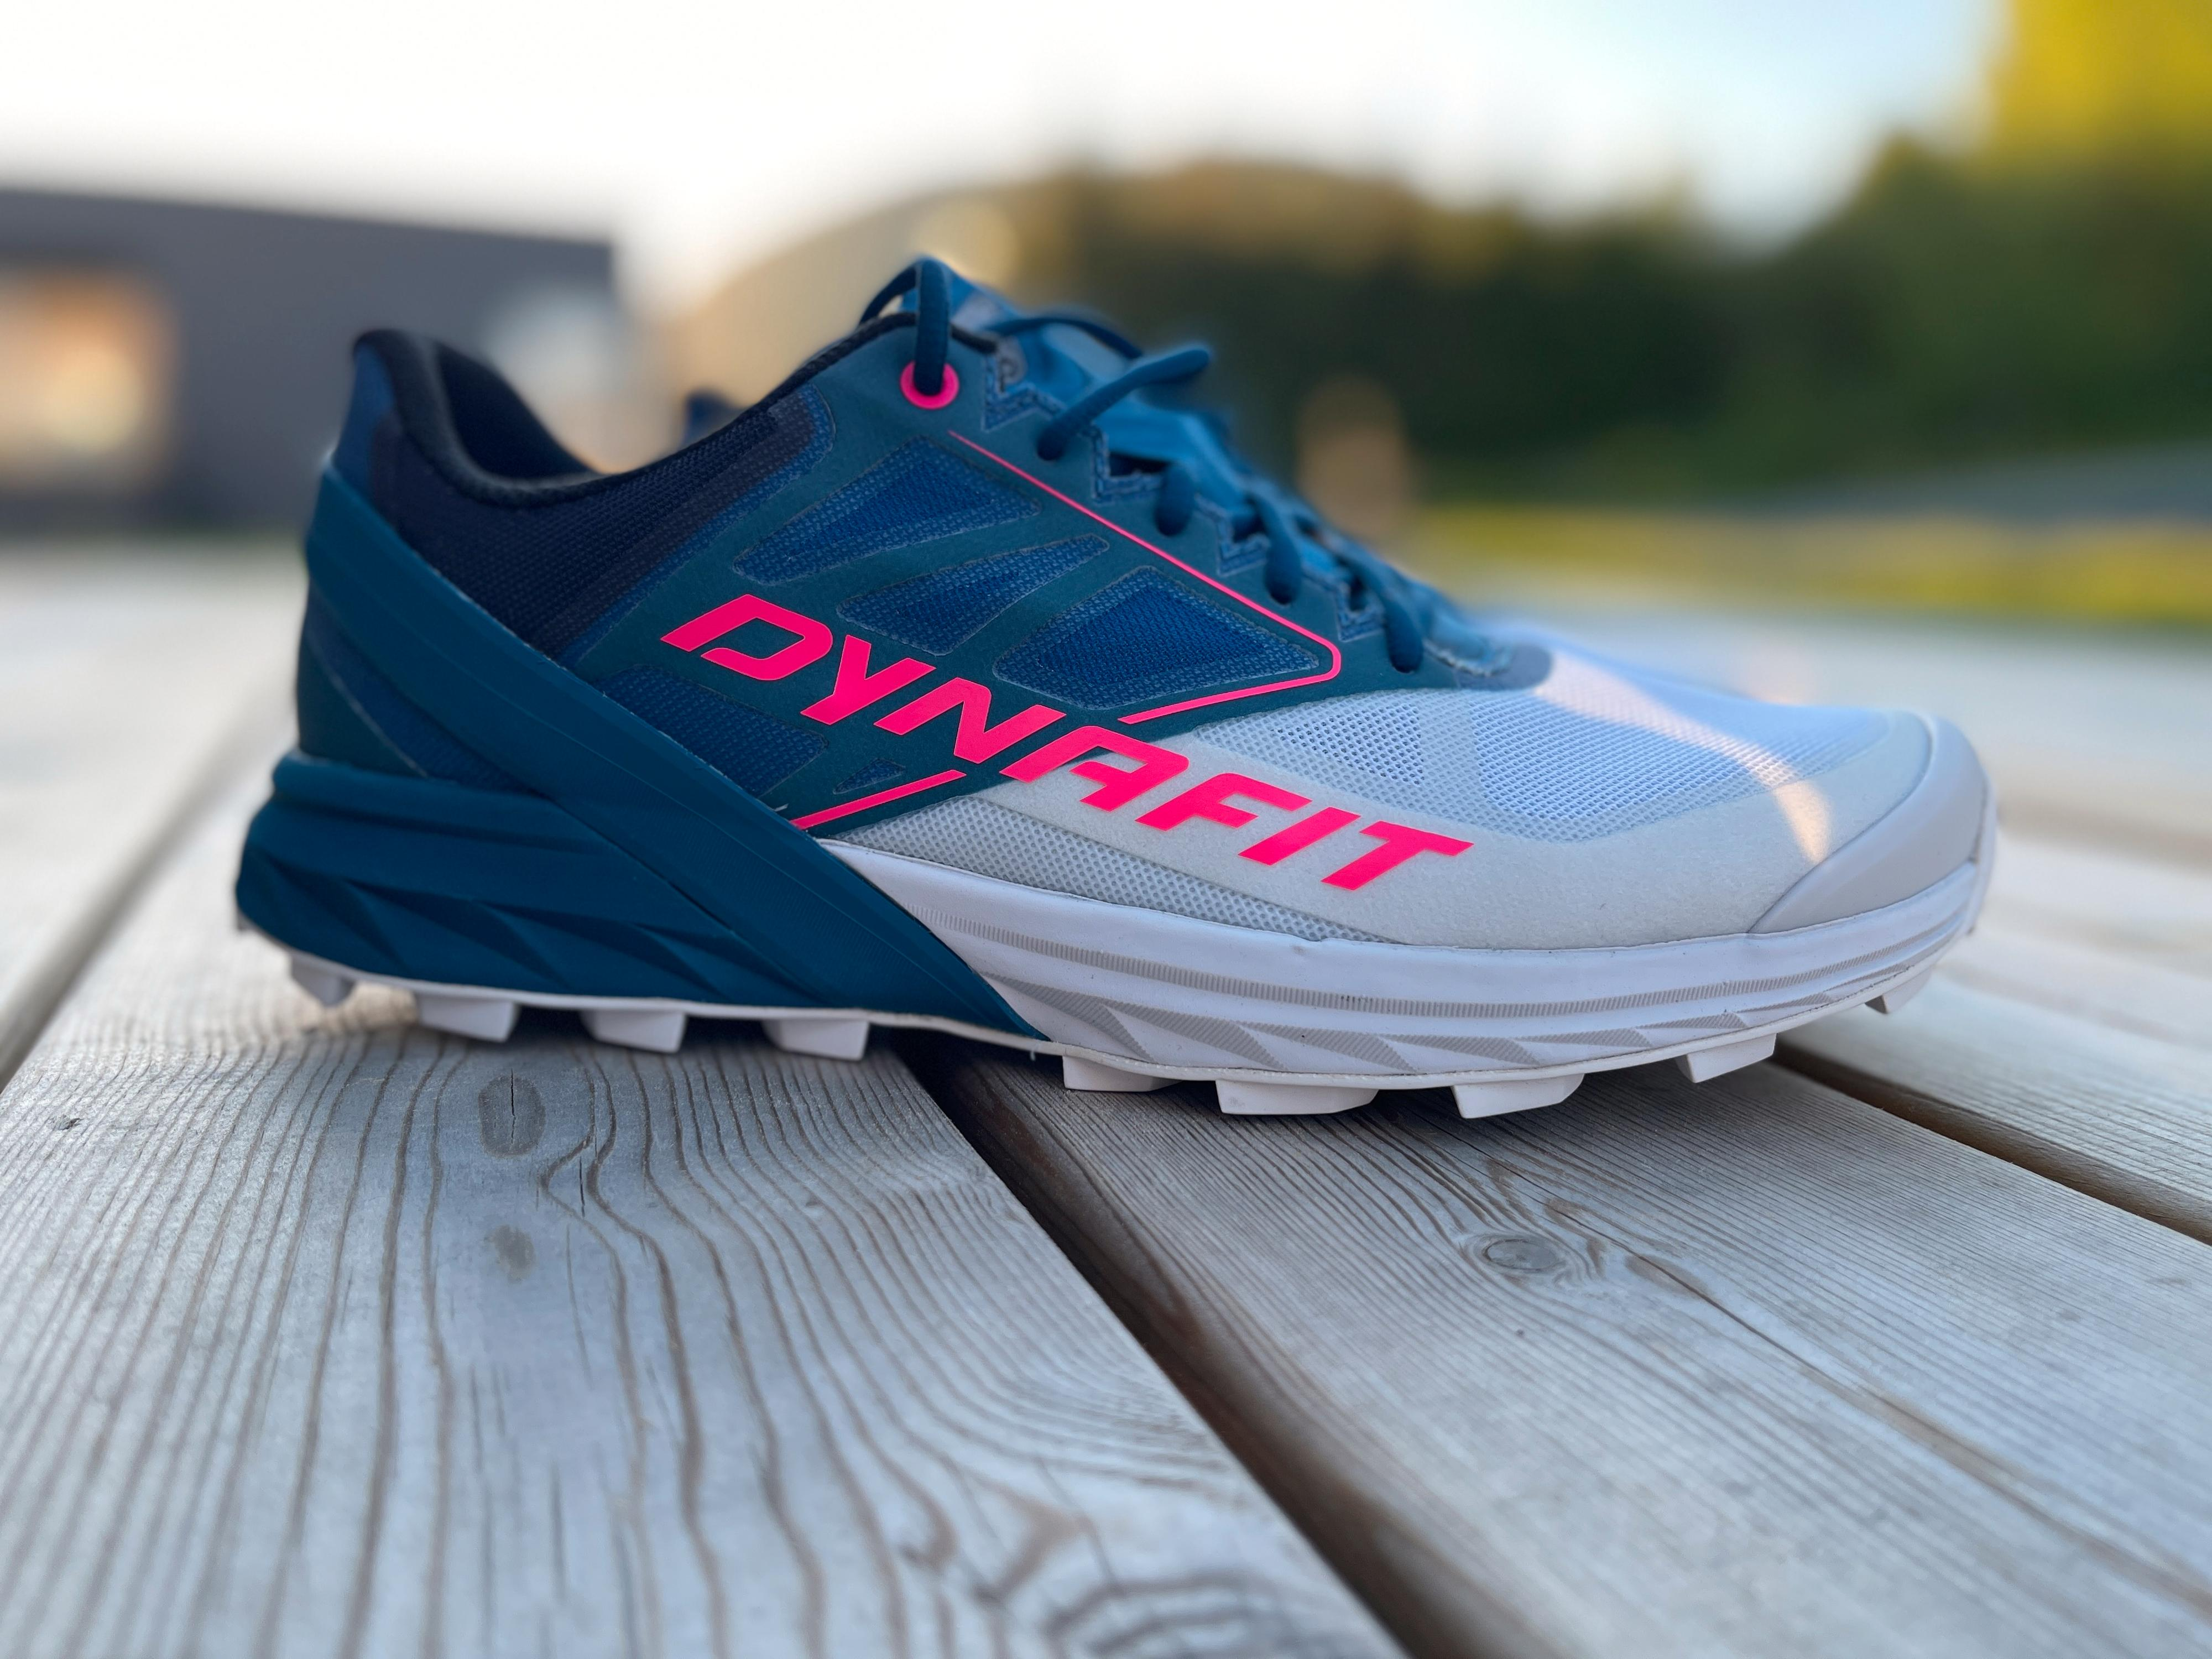 EN PRESIS TERRENGSKO: Dynafit Alpine W sitter godt utmerket godt på foten, er lett og tar deg presist frem i terrenget.